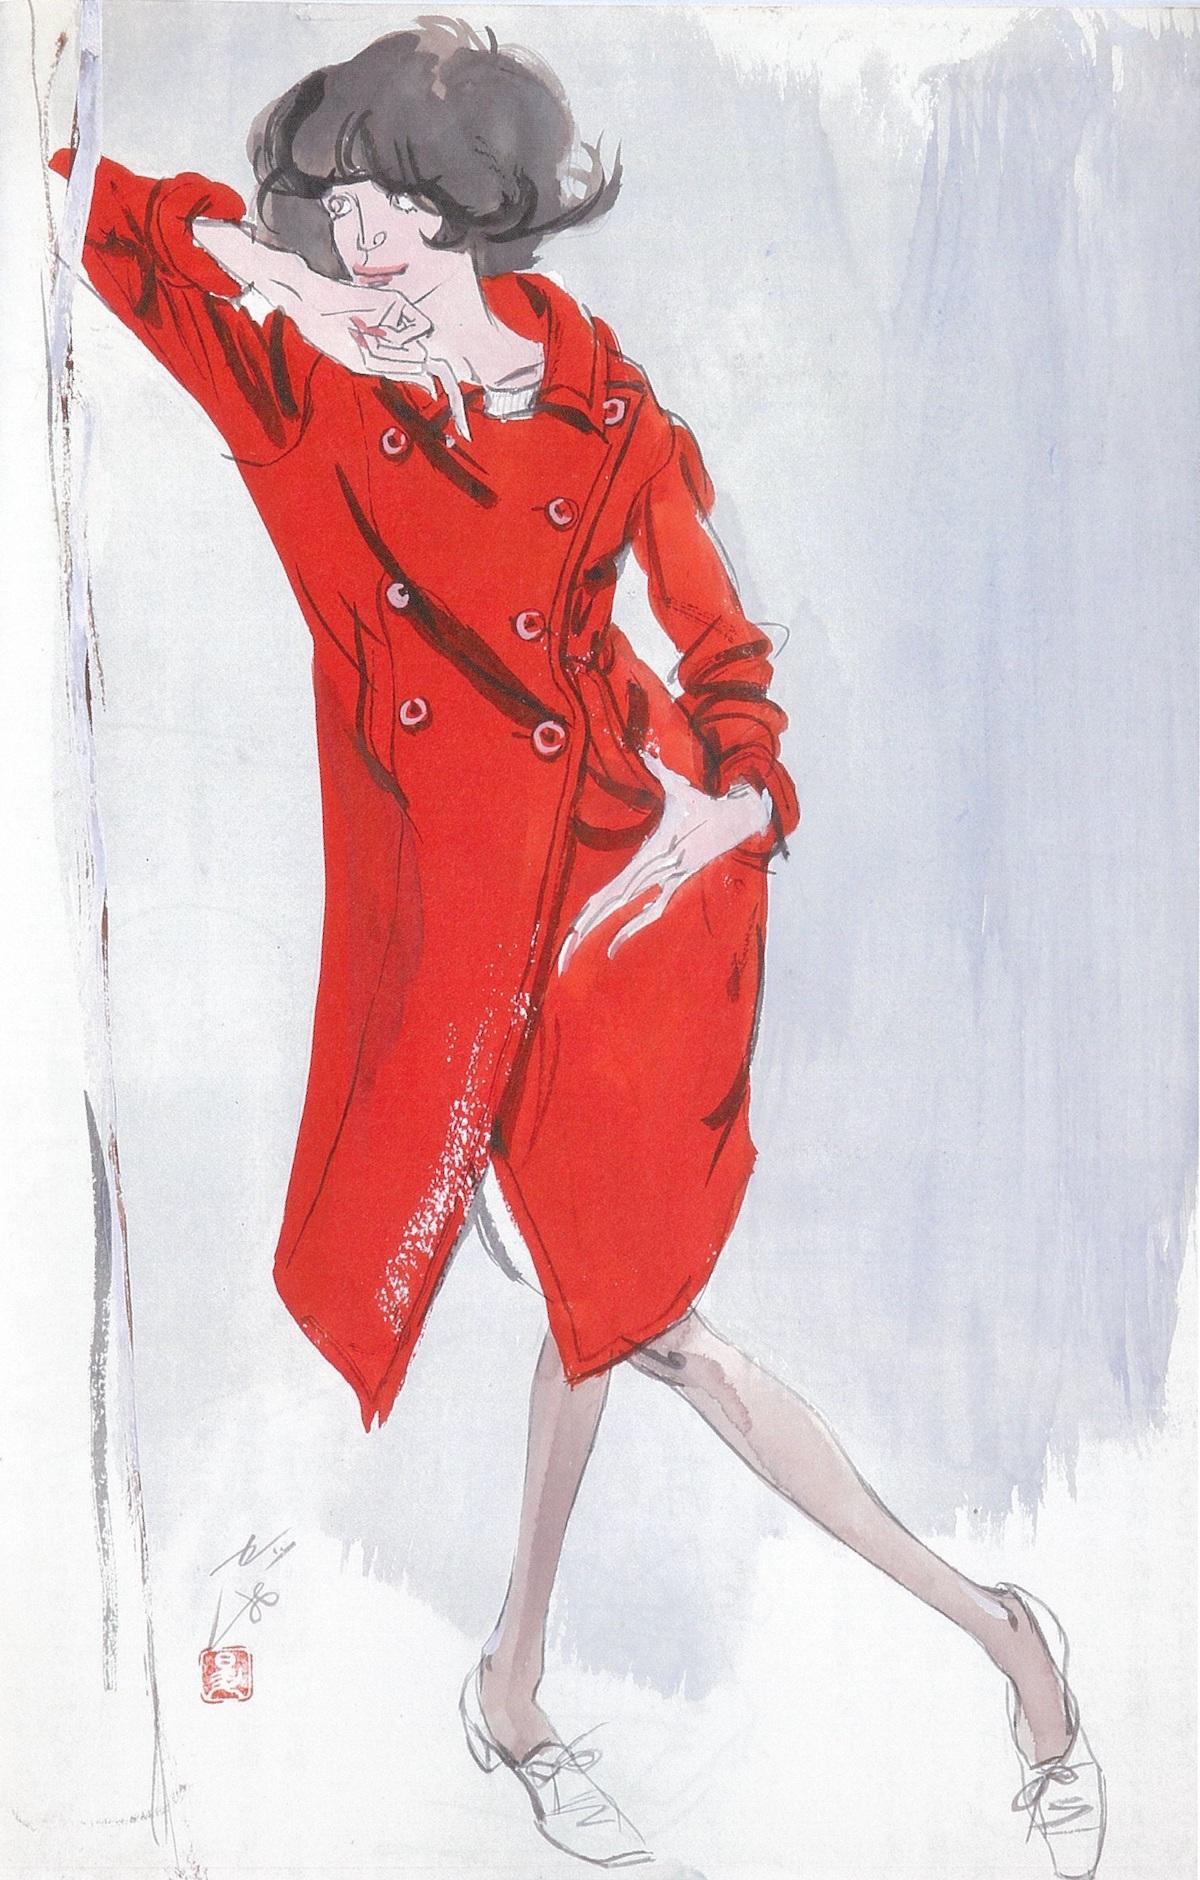 長沢節/女性像(赤いコート)/1950年代/セツ・モードセミナー